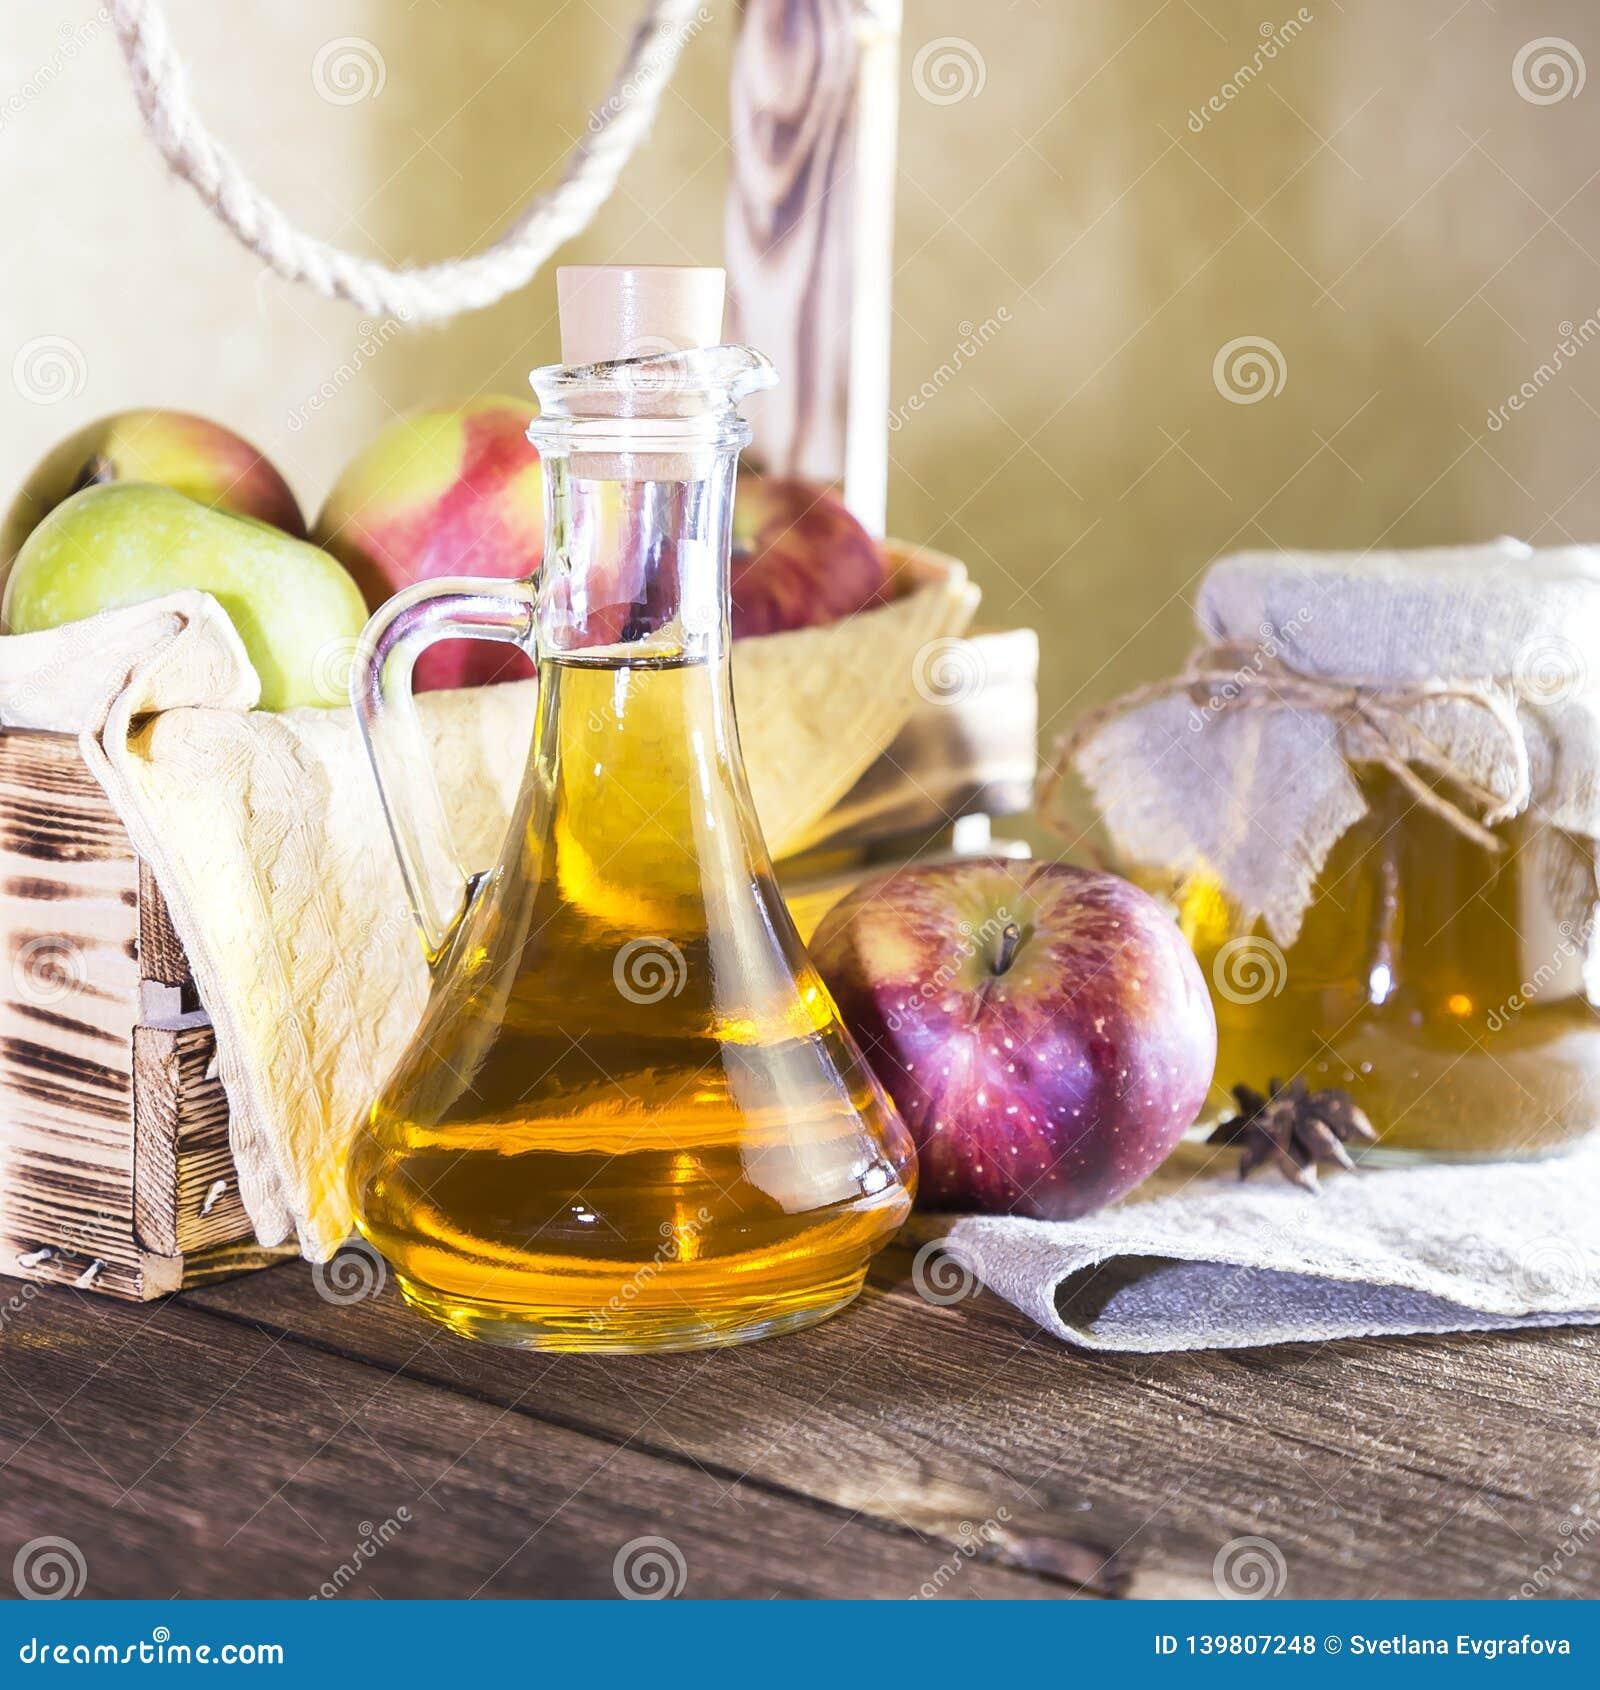 处理红色和绿色苹果一片农业庄稼  家庭装于罐中,健康饮食素食食物 加香料的苹果汁醋